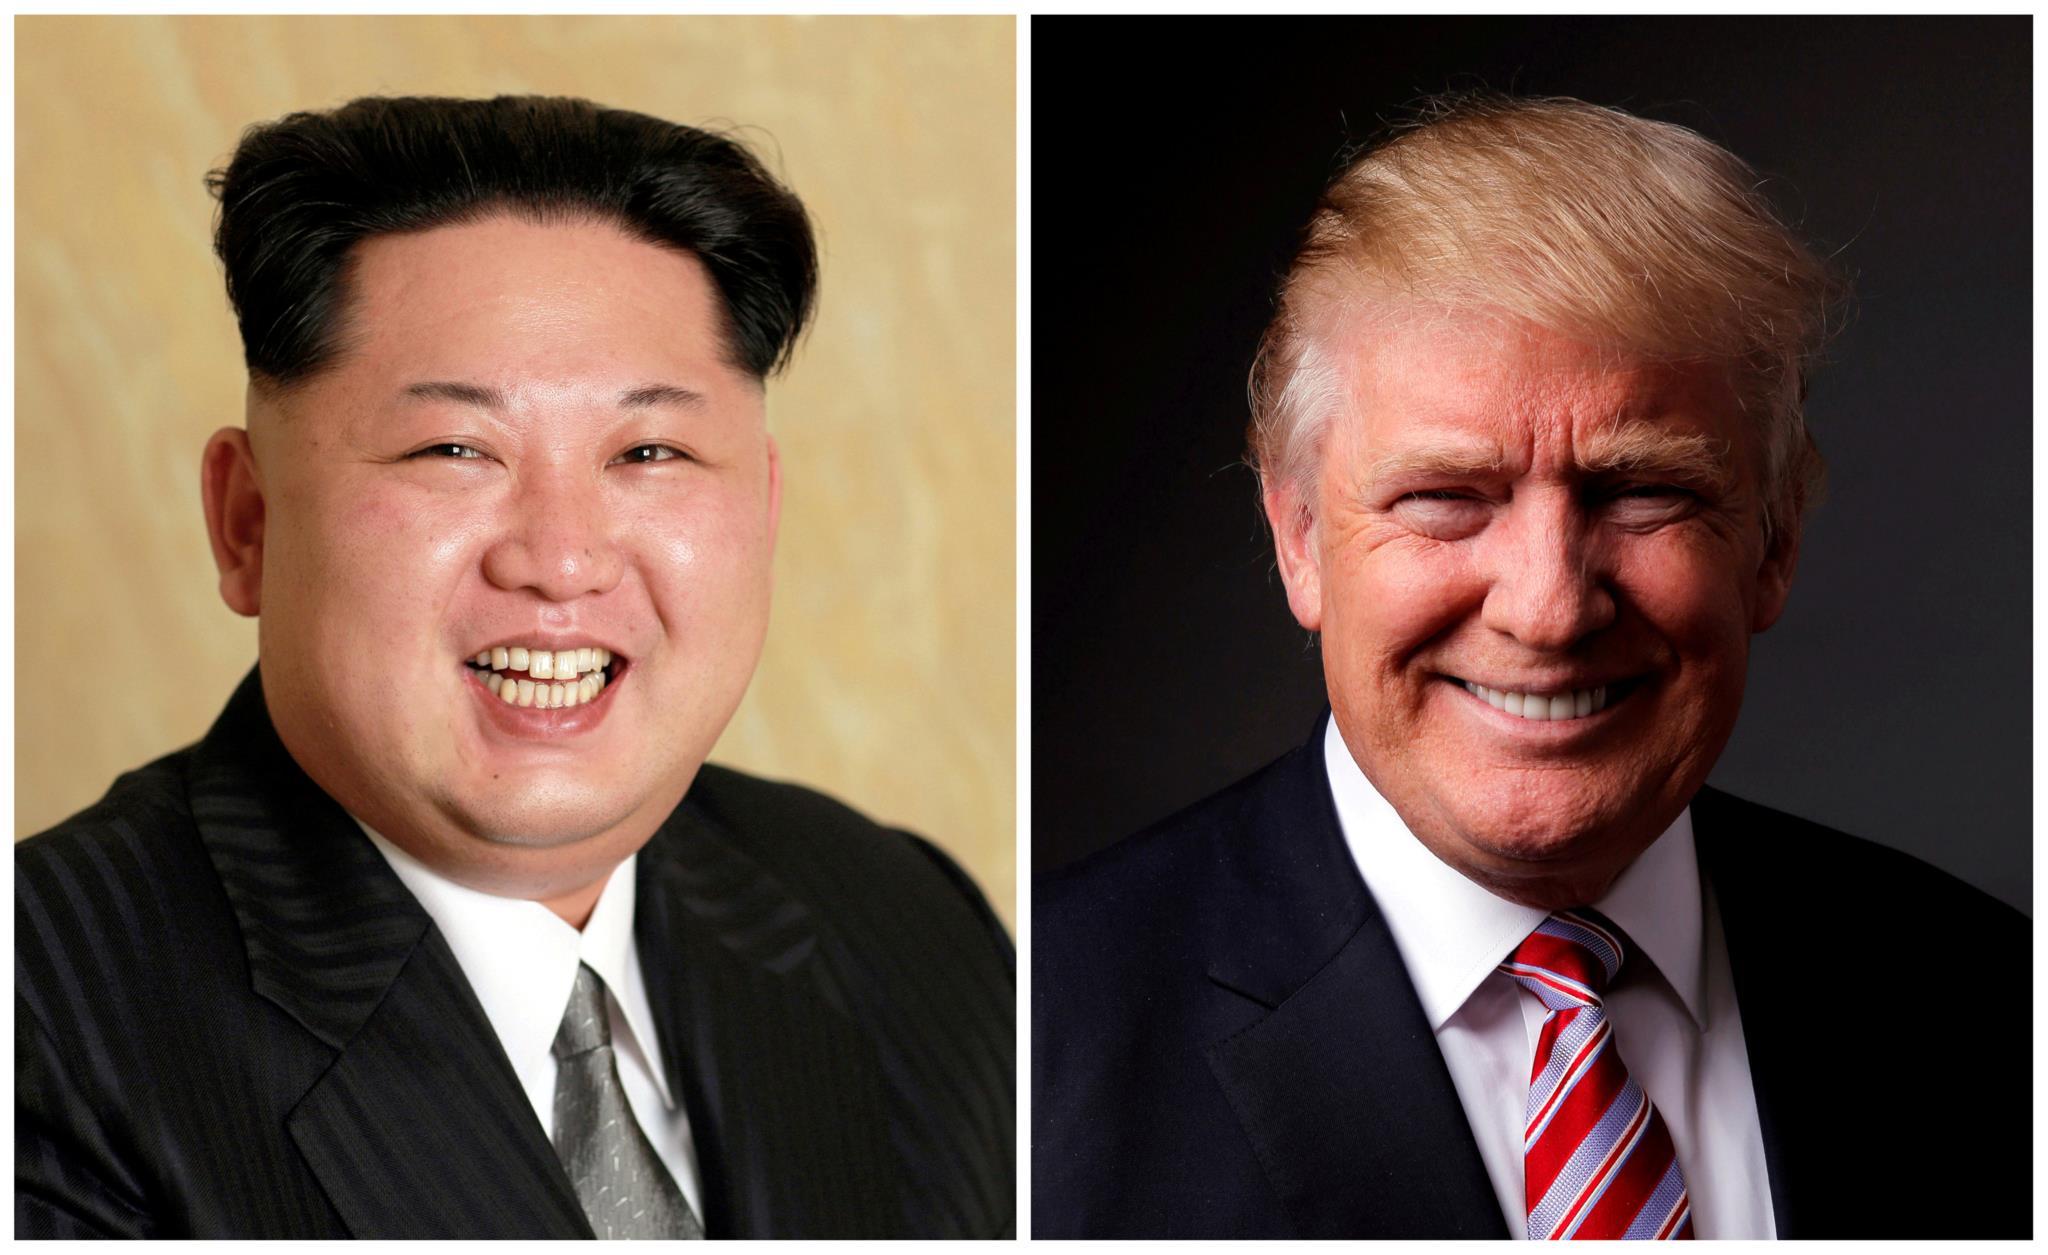 Kim e Trump: podemos confiar nesta paz?